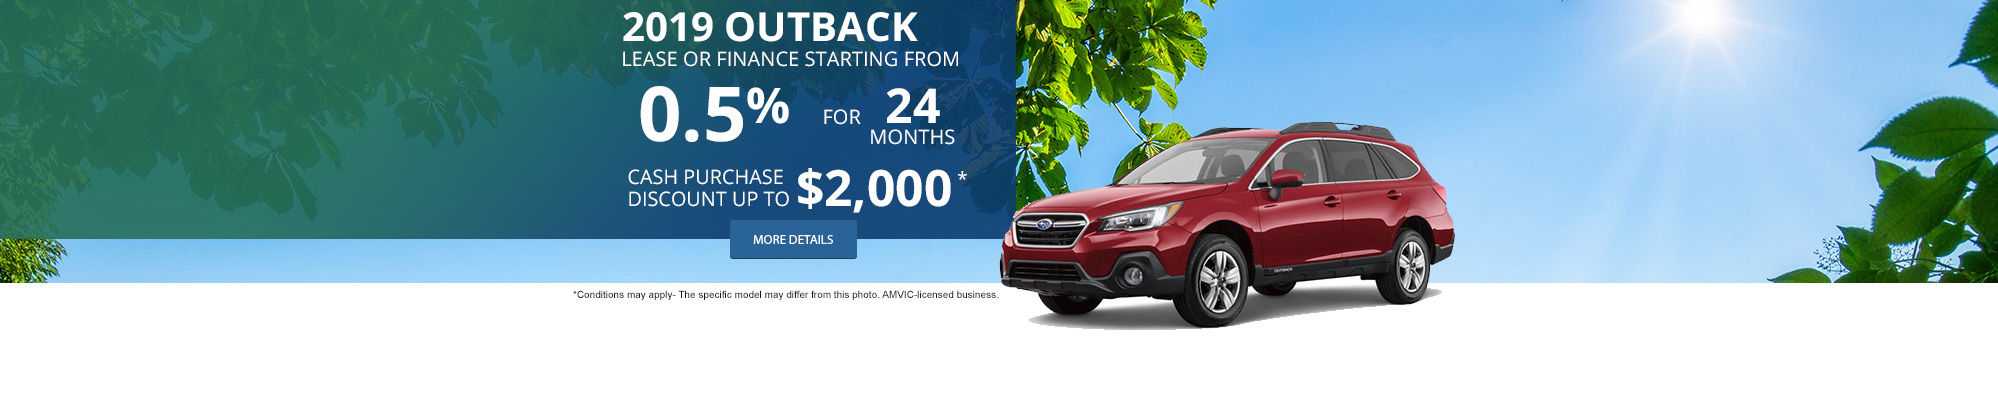 Get The 2019 Subaru Outback